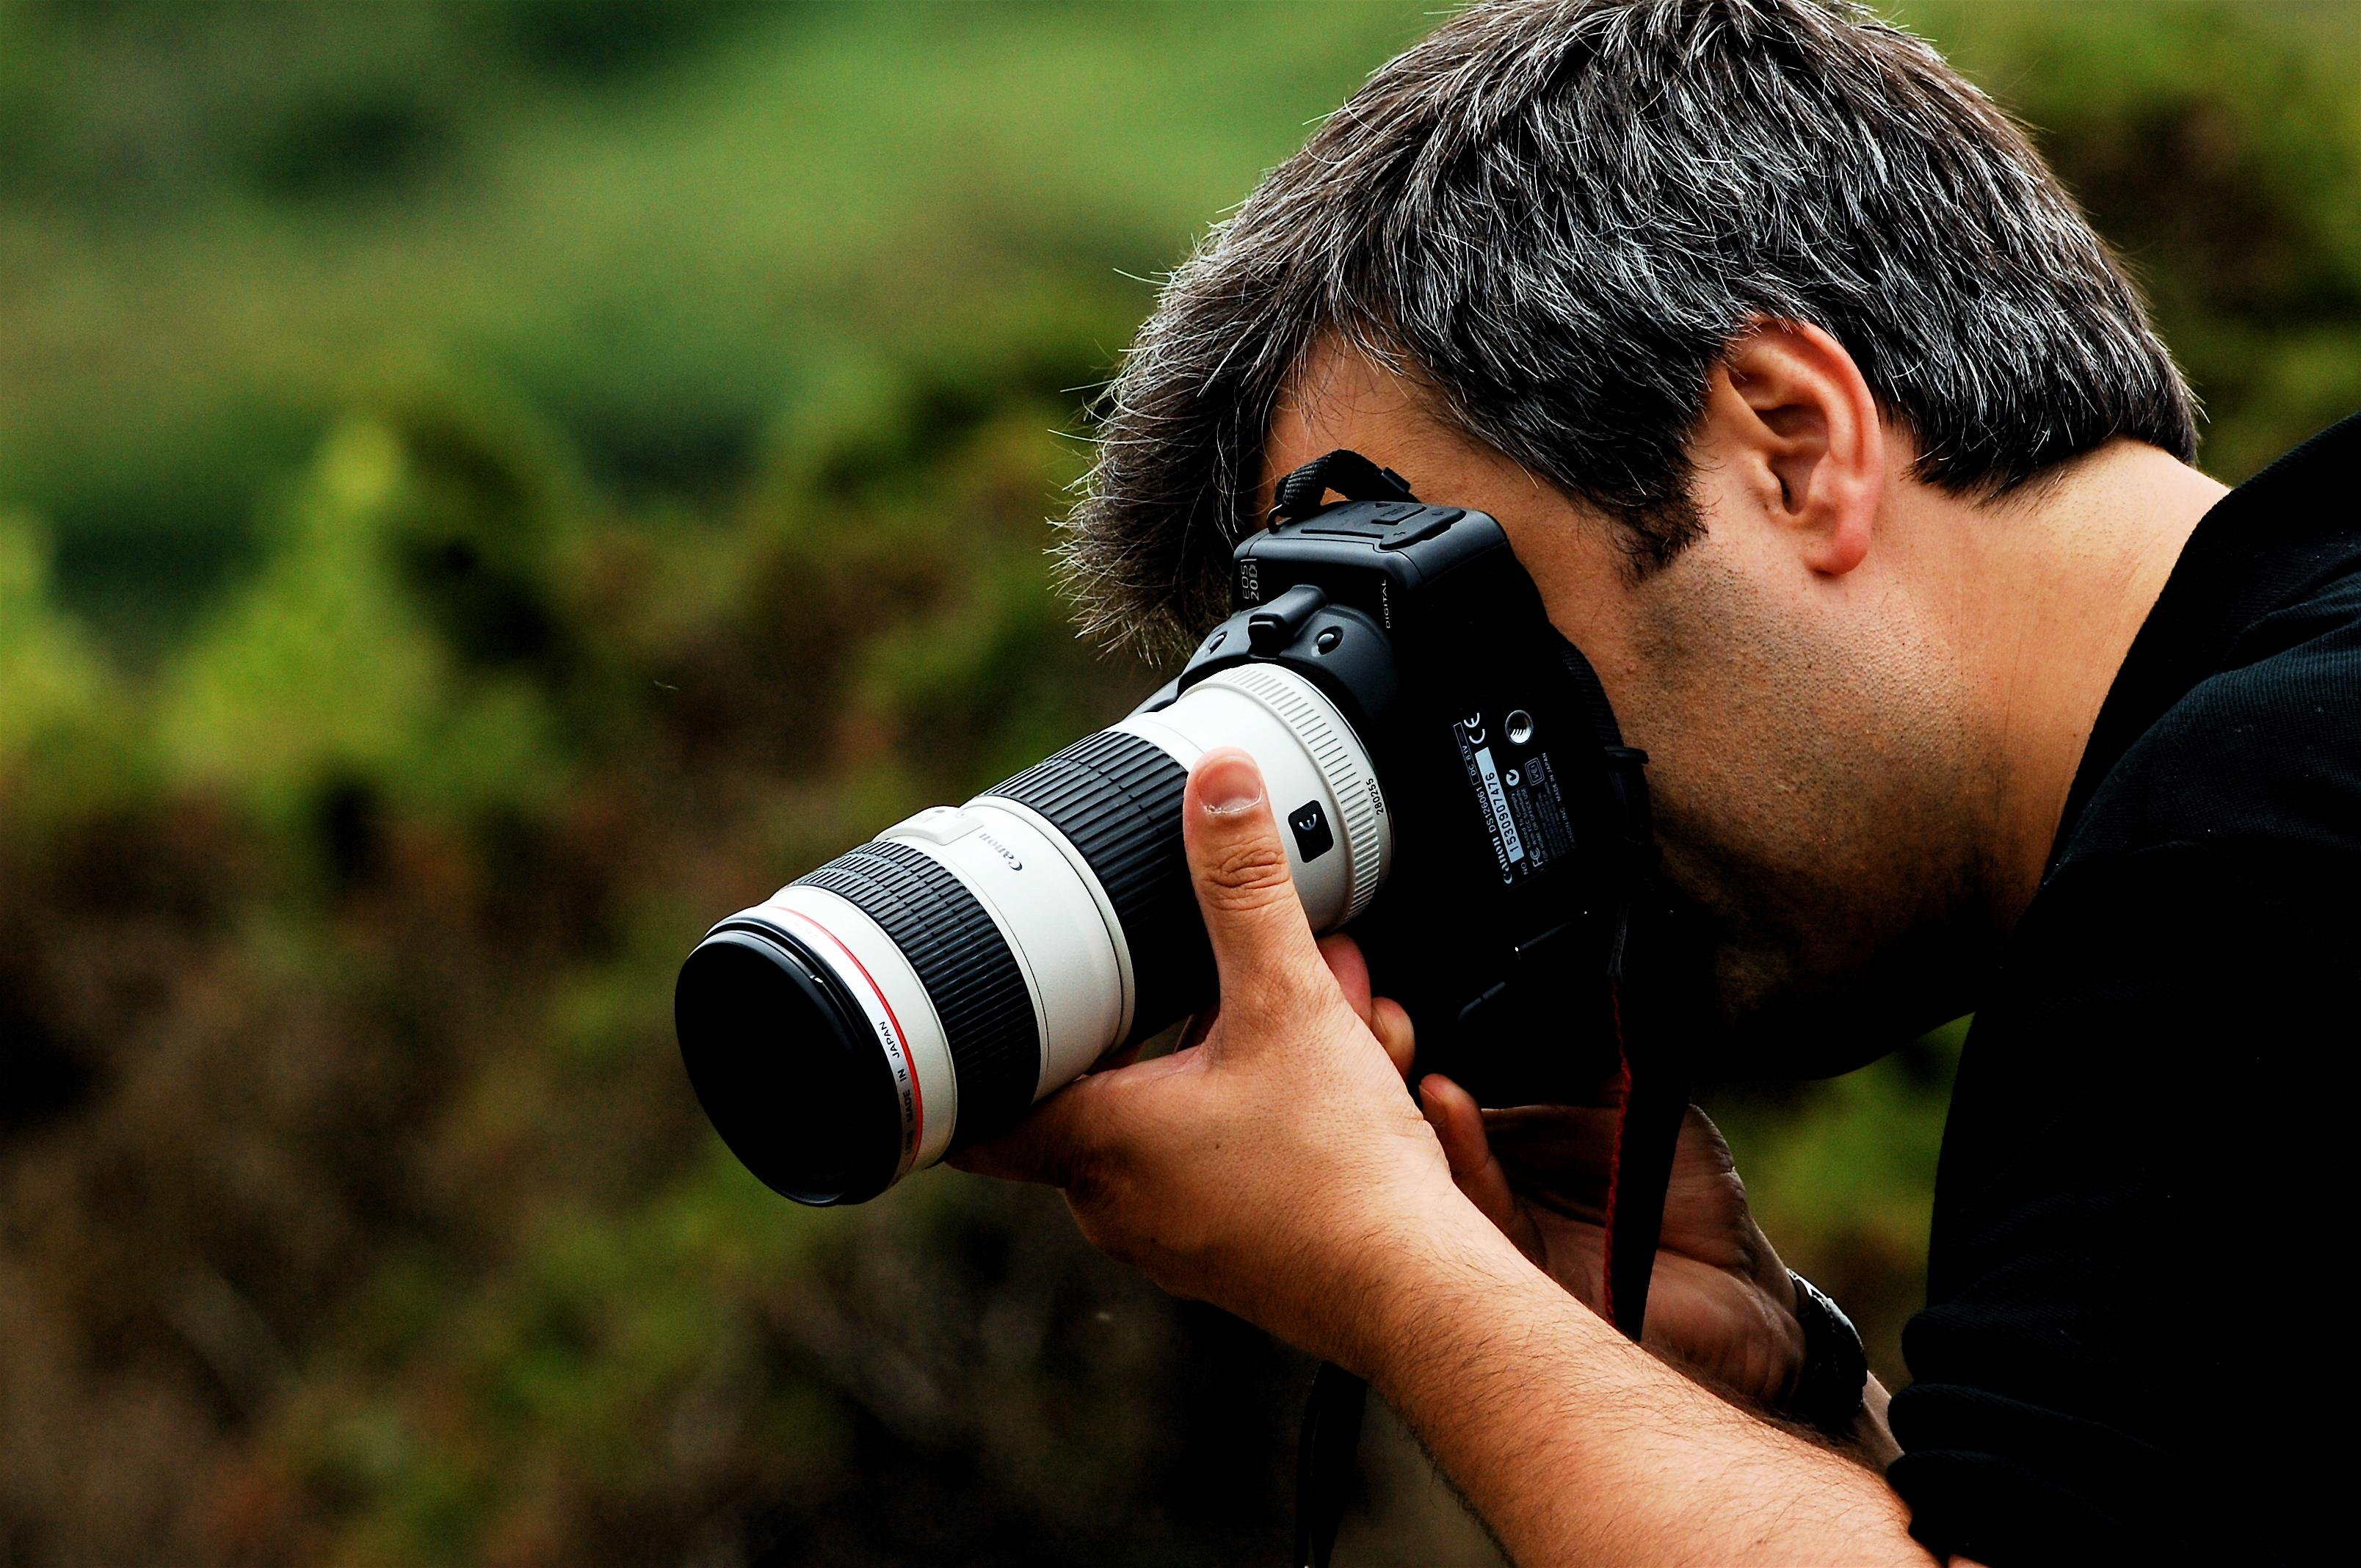 самое основные навыки фотографа фото